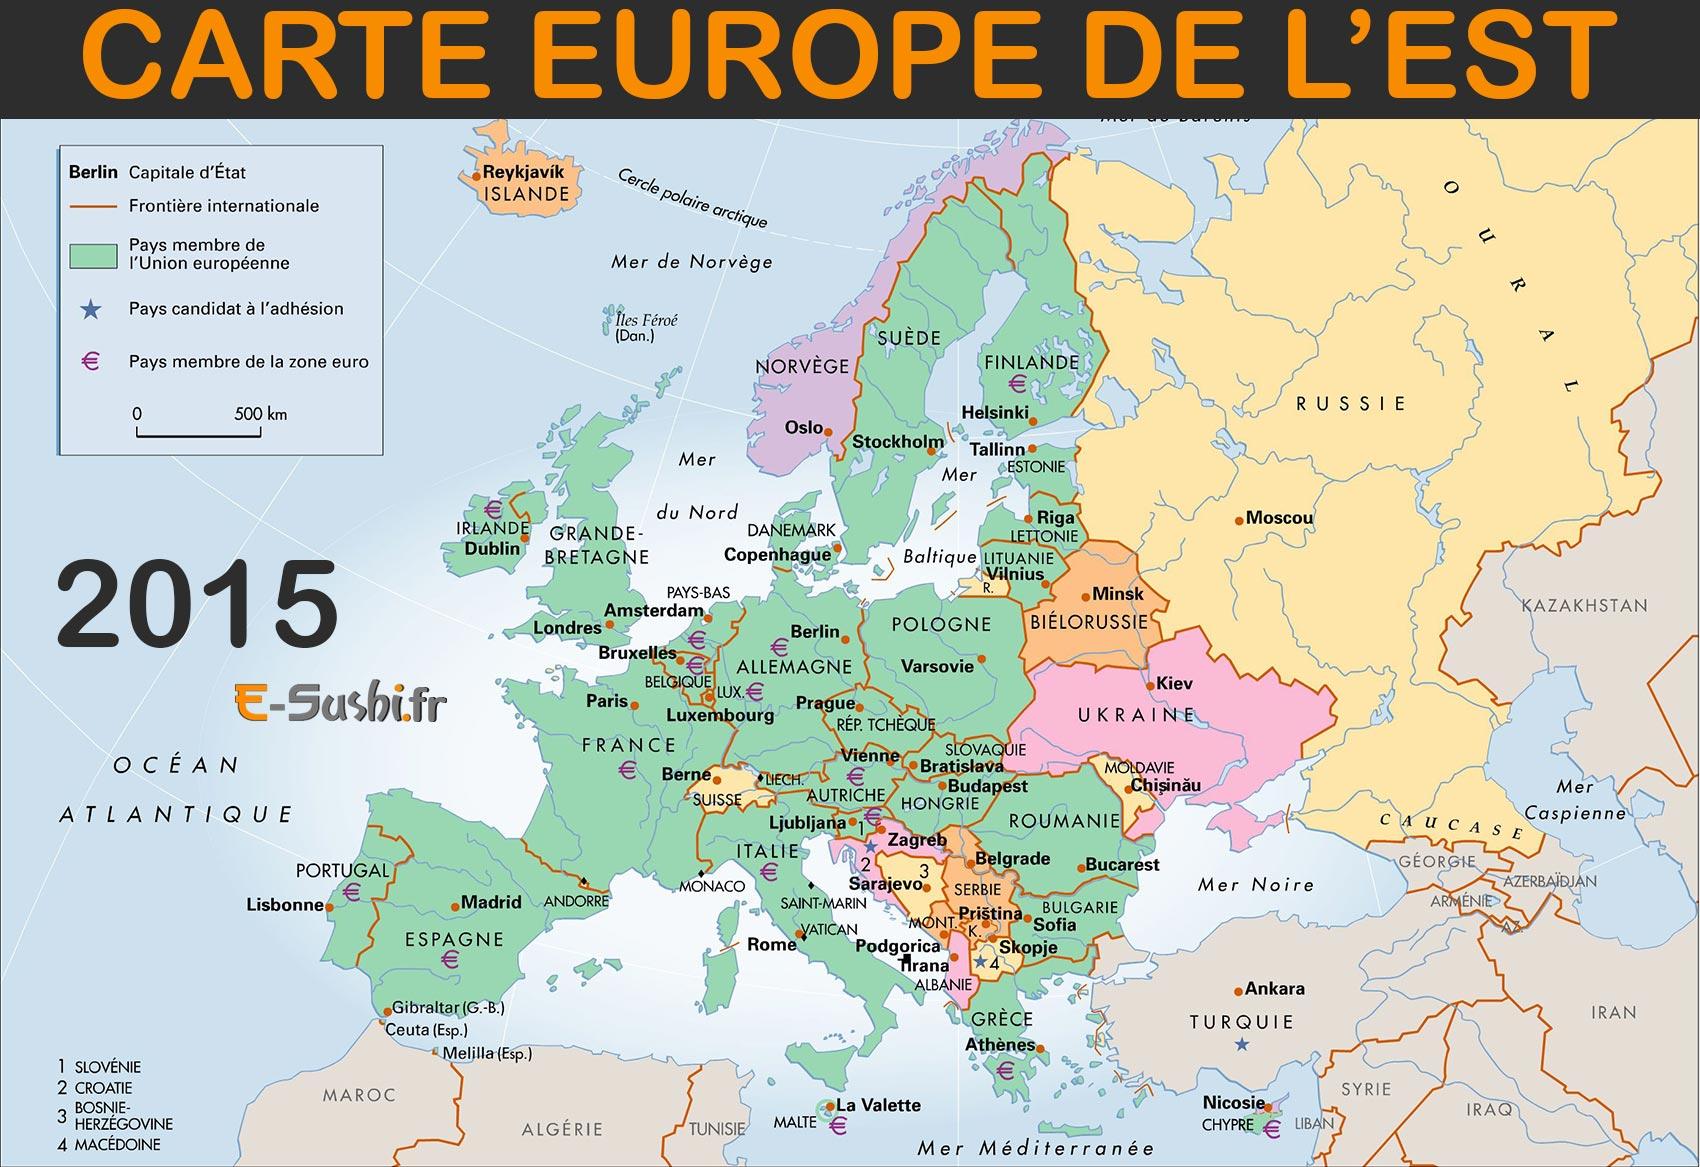 Carte Europe De L'est - Images Et Photos - Arts Et Voyages encequiconcerne Carte D Europe Avec Pays